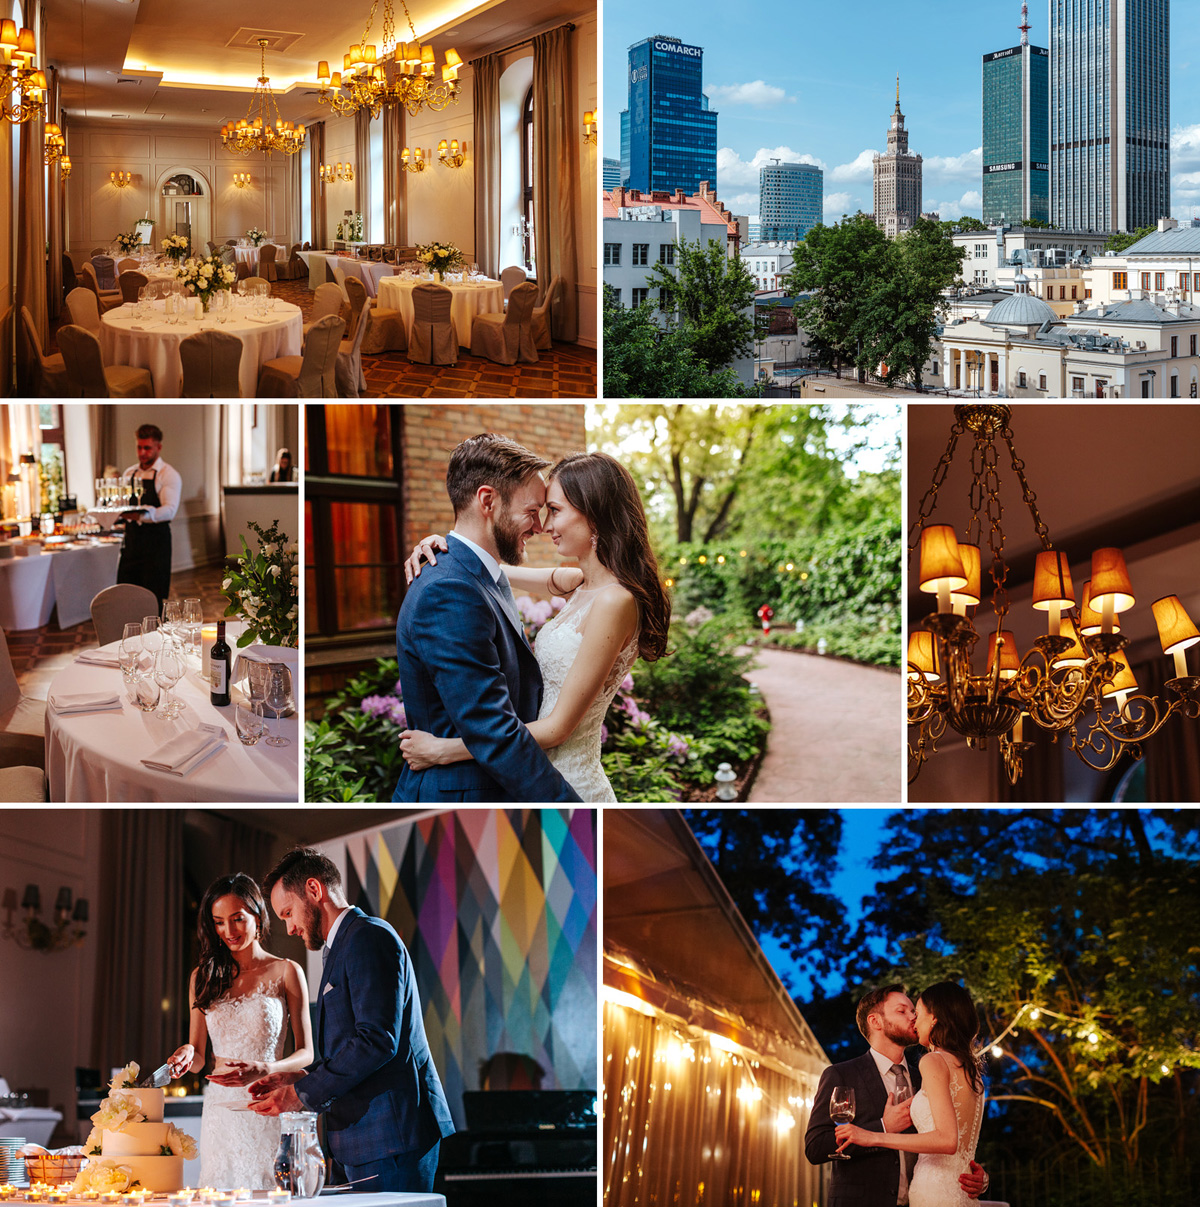 Restauracja Klub Bankowca to jedno z najbardziej klimatycznych i najpiękniejszych miejsc na wesele w Warszawie